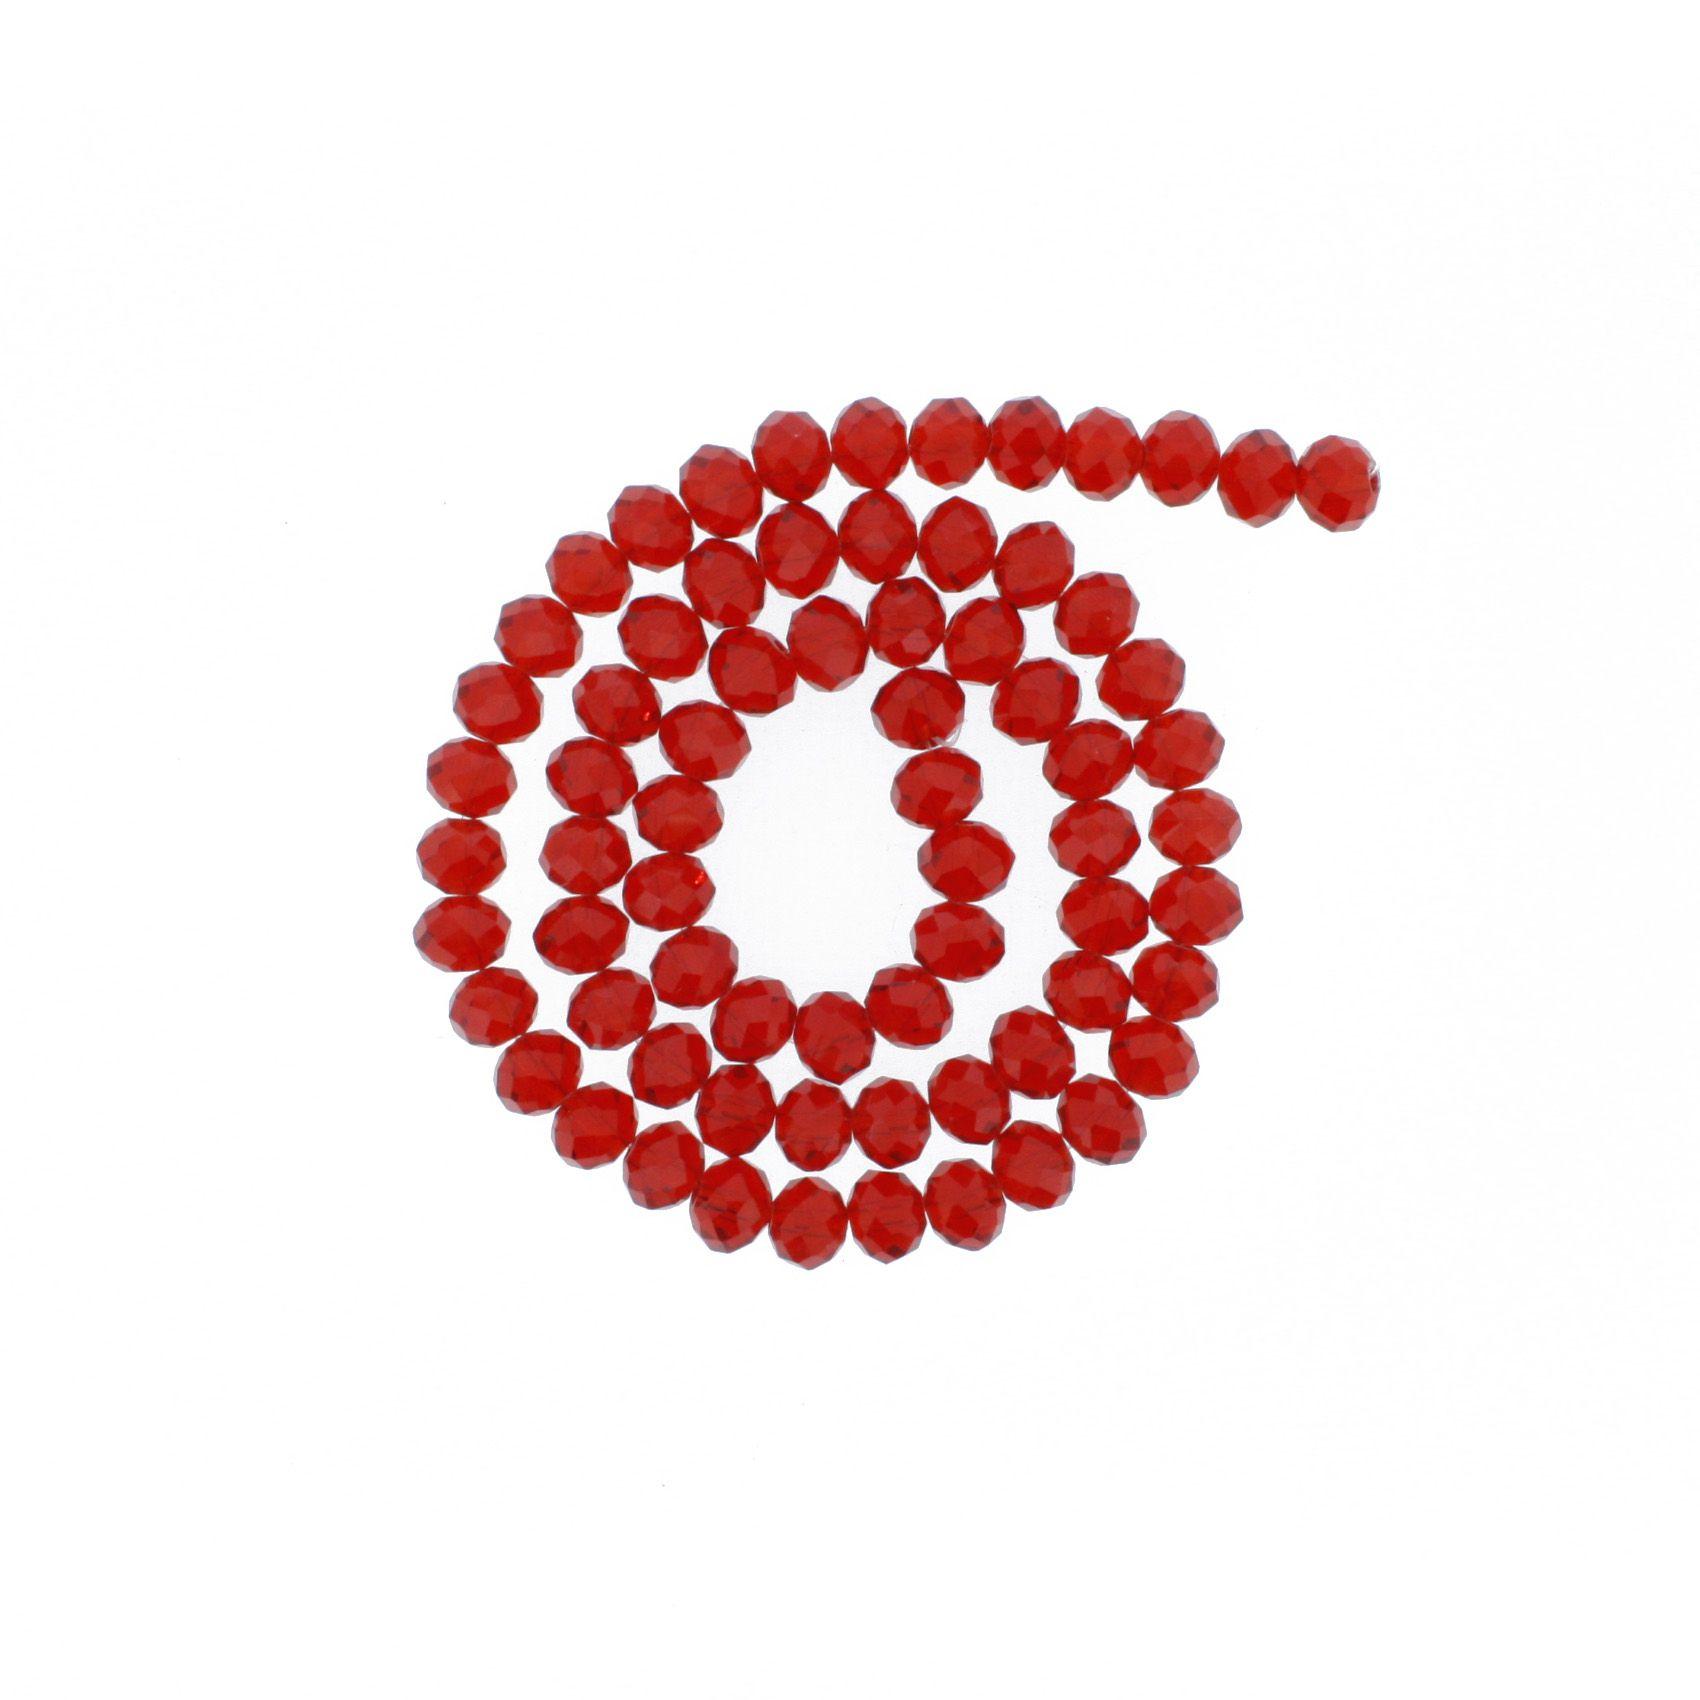 Fio de Cristal - Piatto® - Vermelho Transparente - 8mm  - Universo Religioso® - Artigos de Umbanda e Candomblé